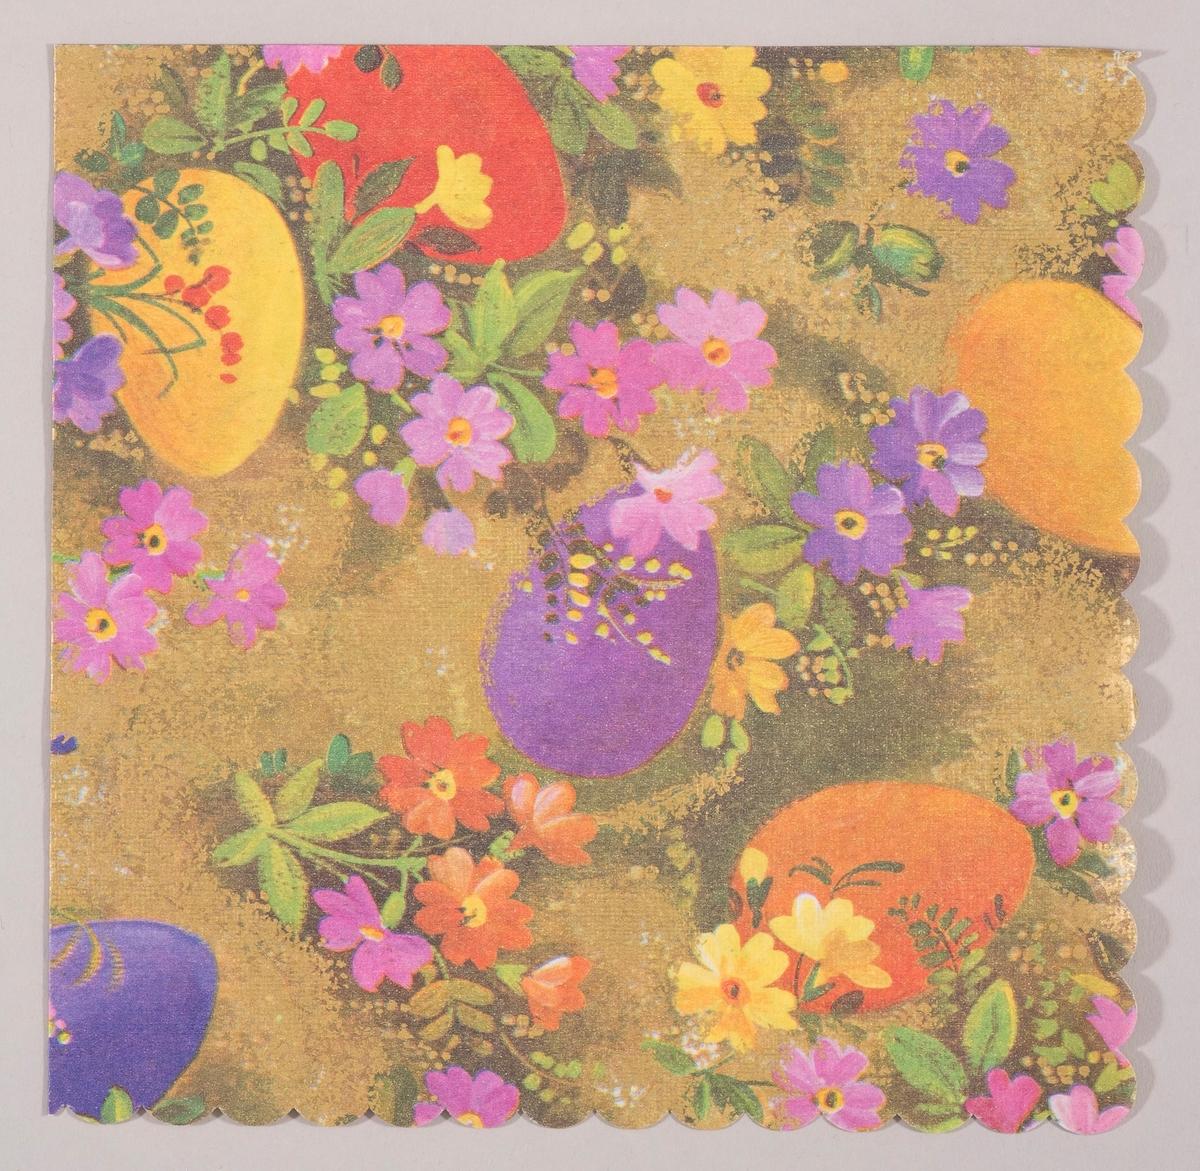 Kulørte påskeegg og gule, røde, rosa og lilla blomster i en gylden blomstereng.